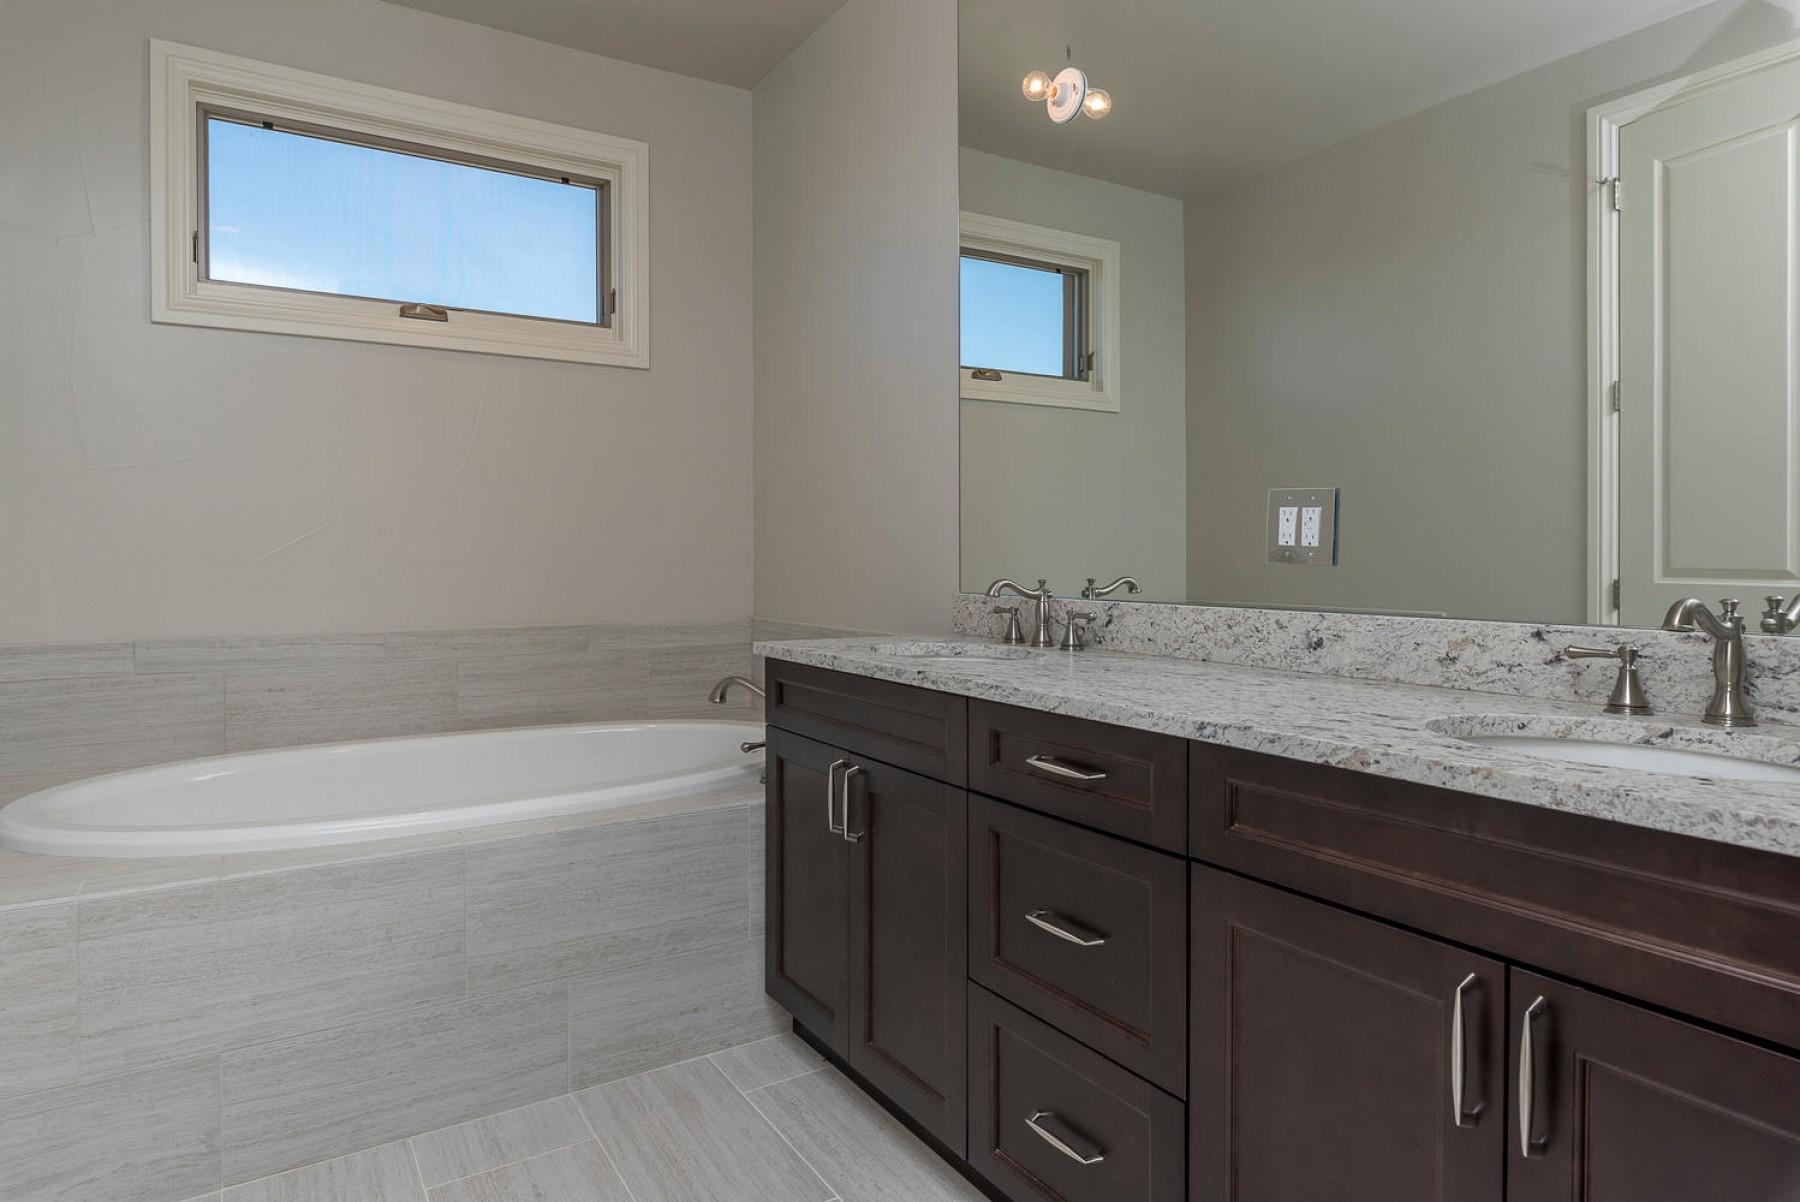 8561 E. Iliff, Denver, CO 80231